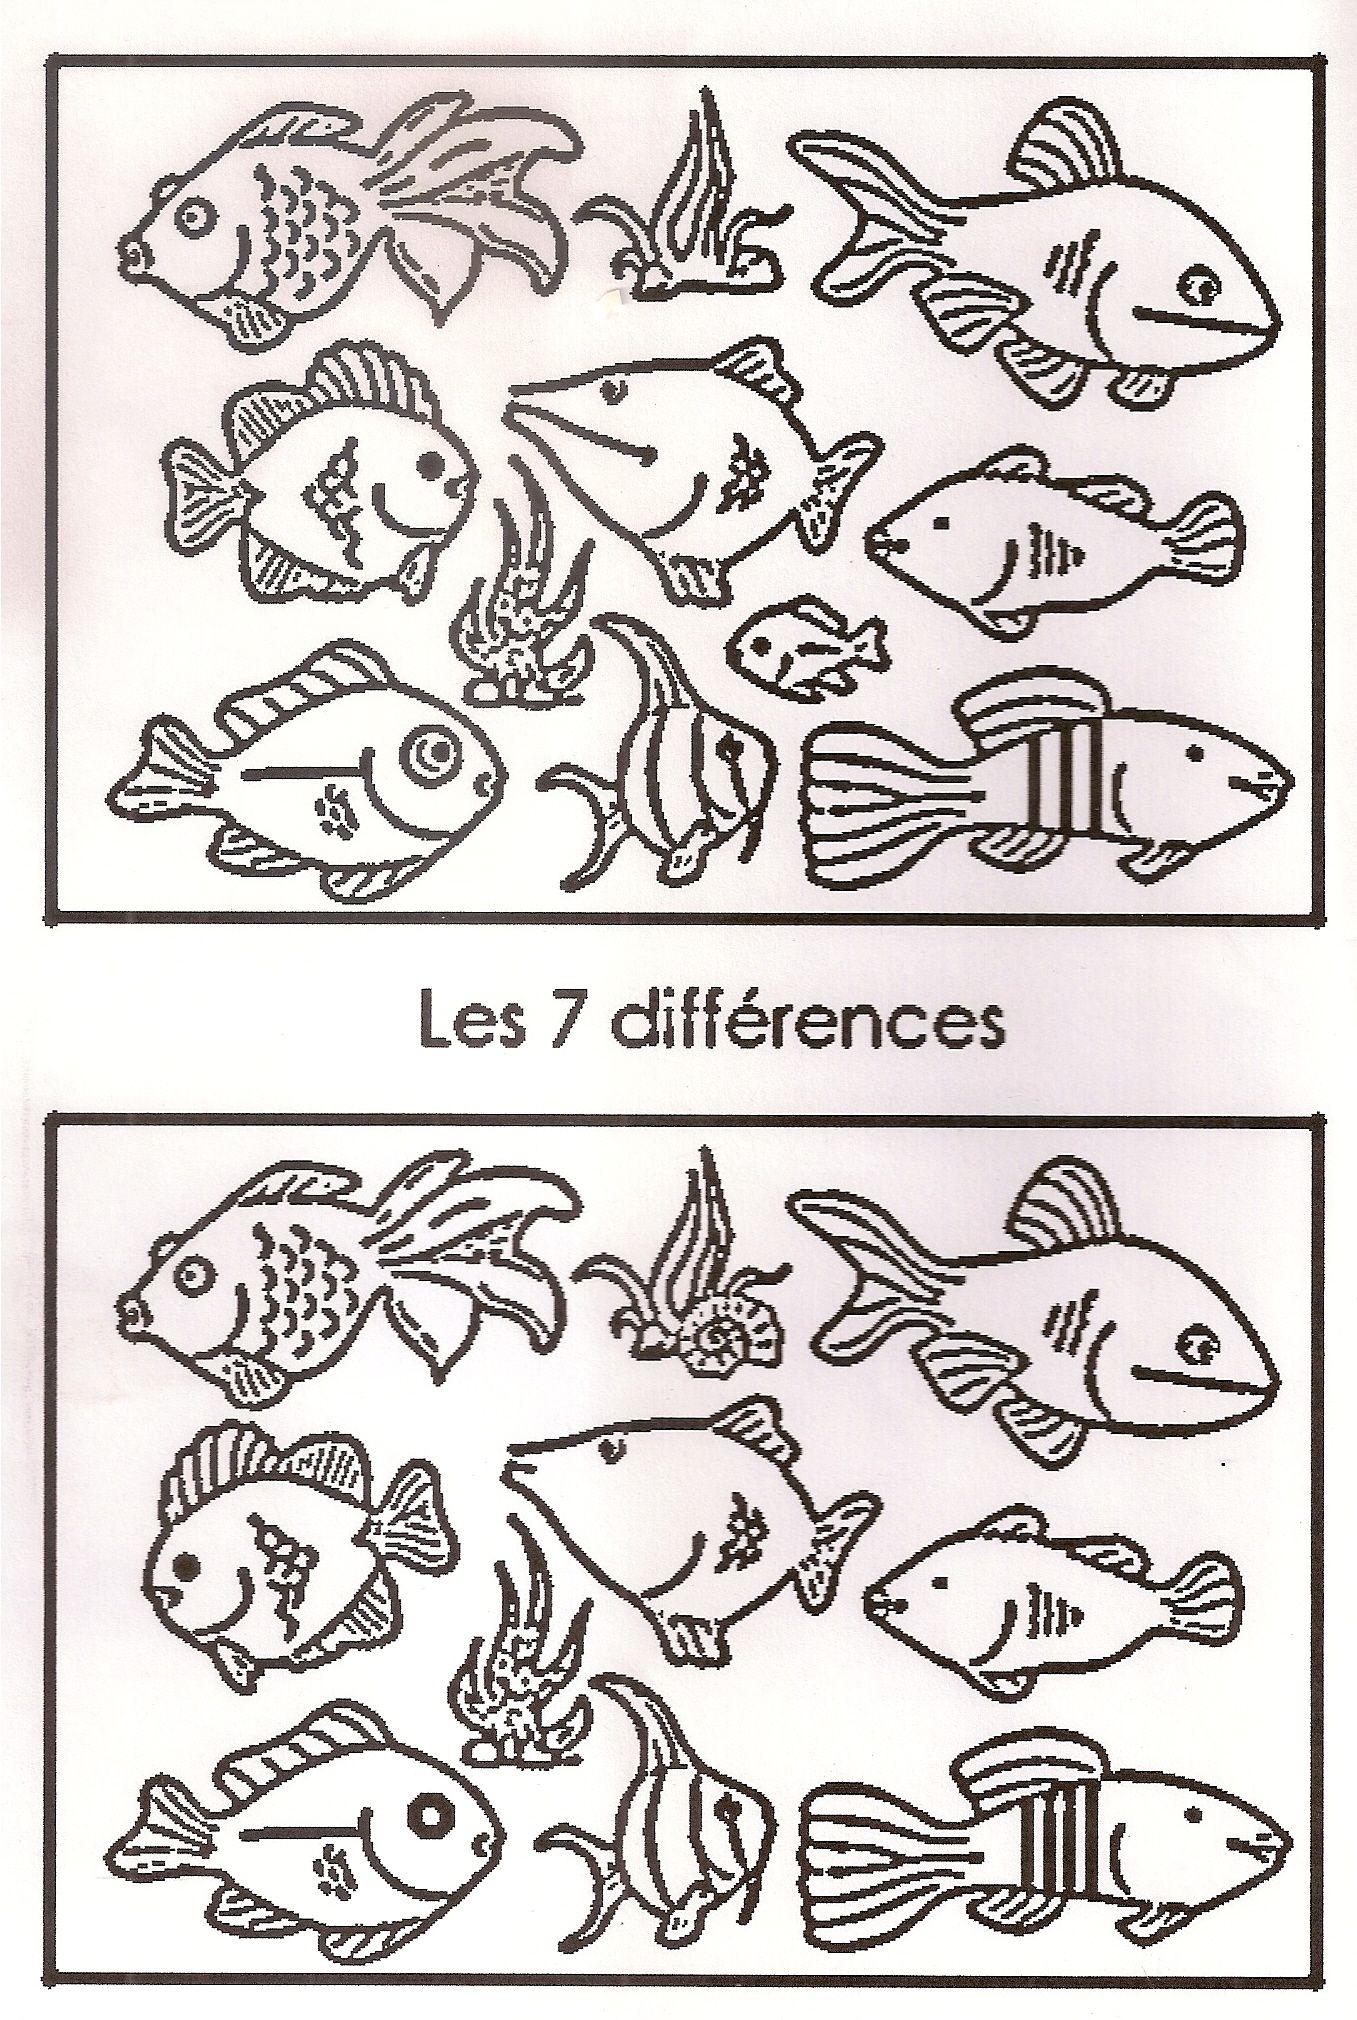 Jeu Des 7 Différences | Jeux Des 7 Erreurs, Jeux Des Erreurs à Jeu Des 7 Différences À Imprimer